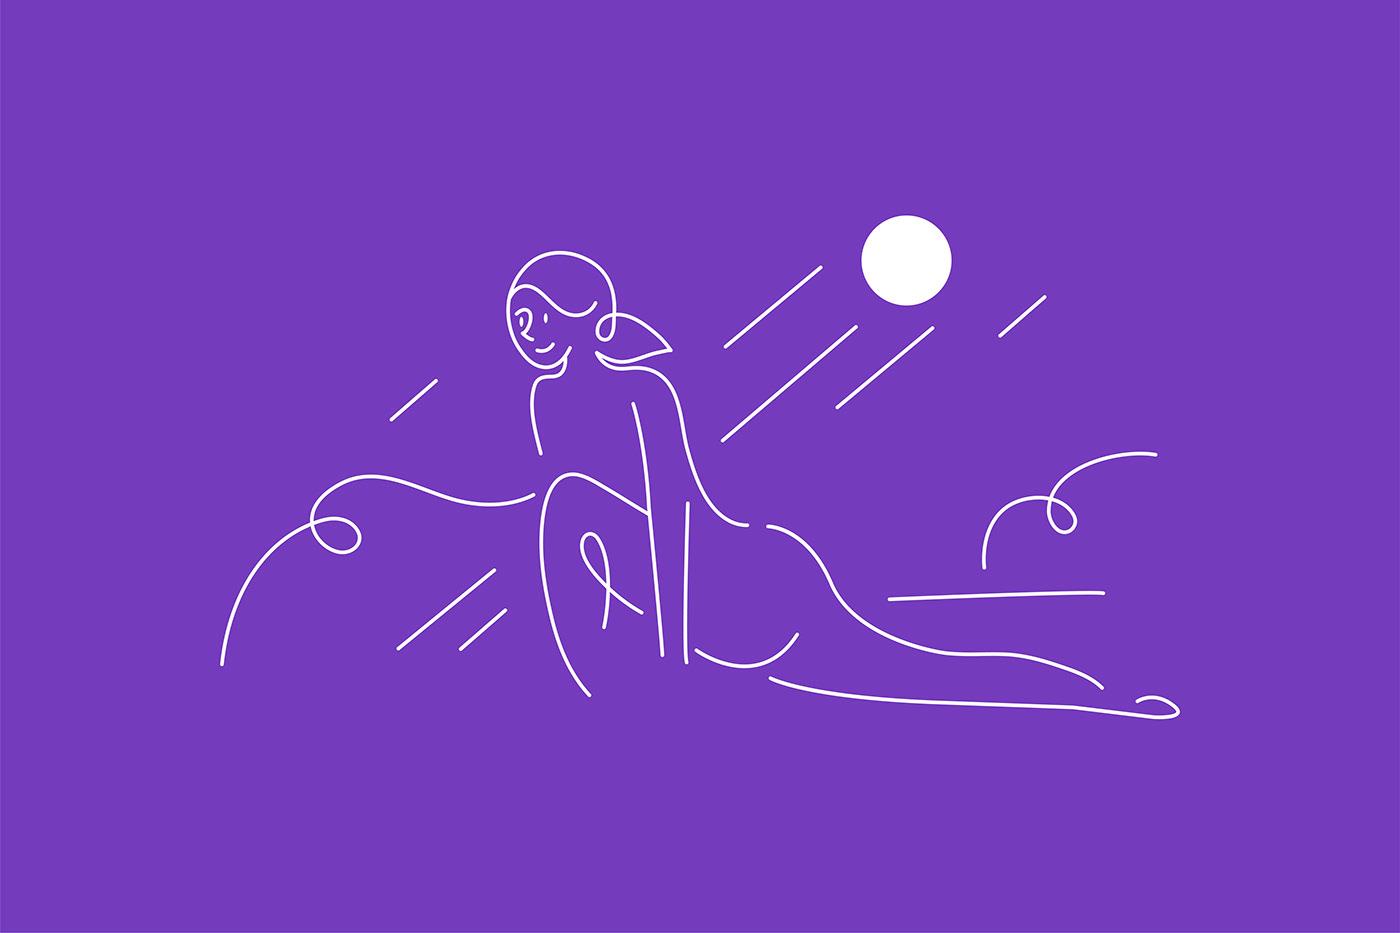 branding  gradients graphics Health Packaging purple rebranding supplements UTIS women